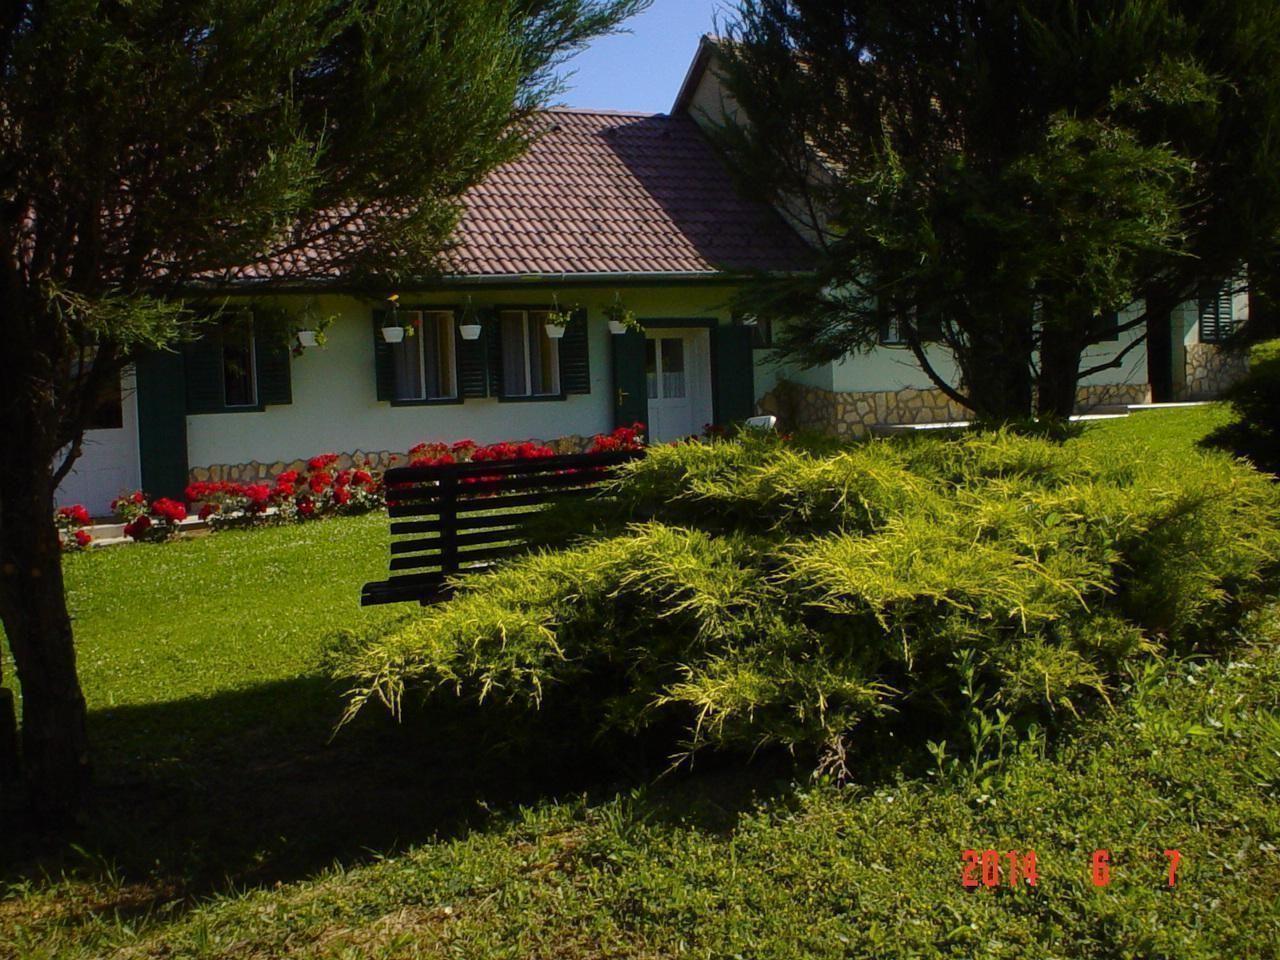 Ferienhaus für 4 Personen  + 1 Kind ca. 100 m